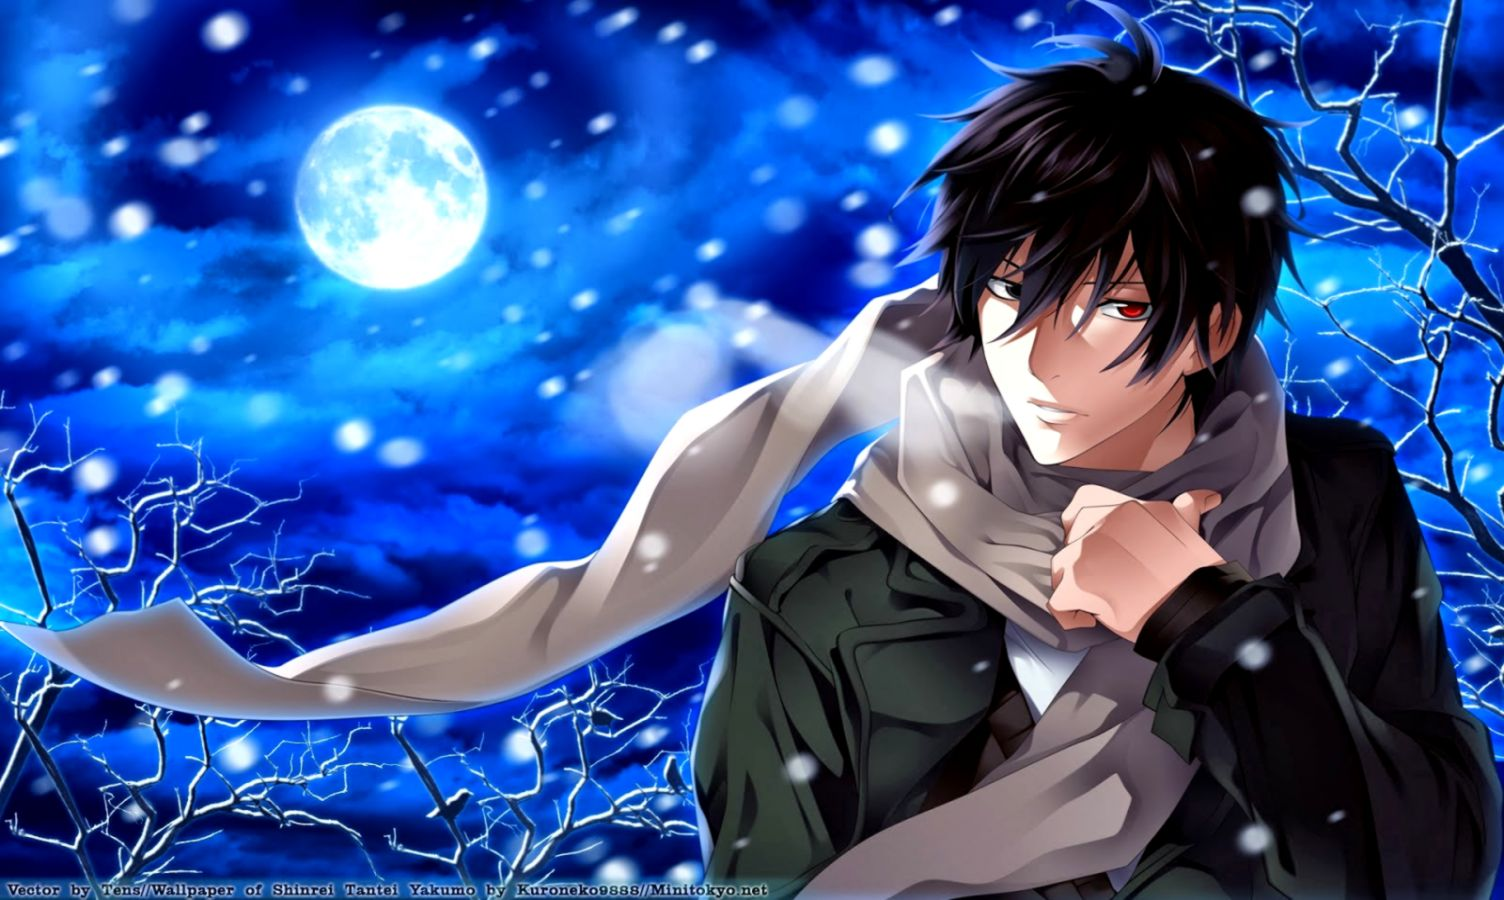 Download 9000+ Wallpaper Anime Hd Boy  Terbaik